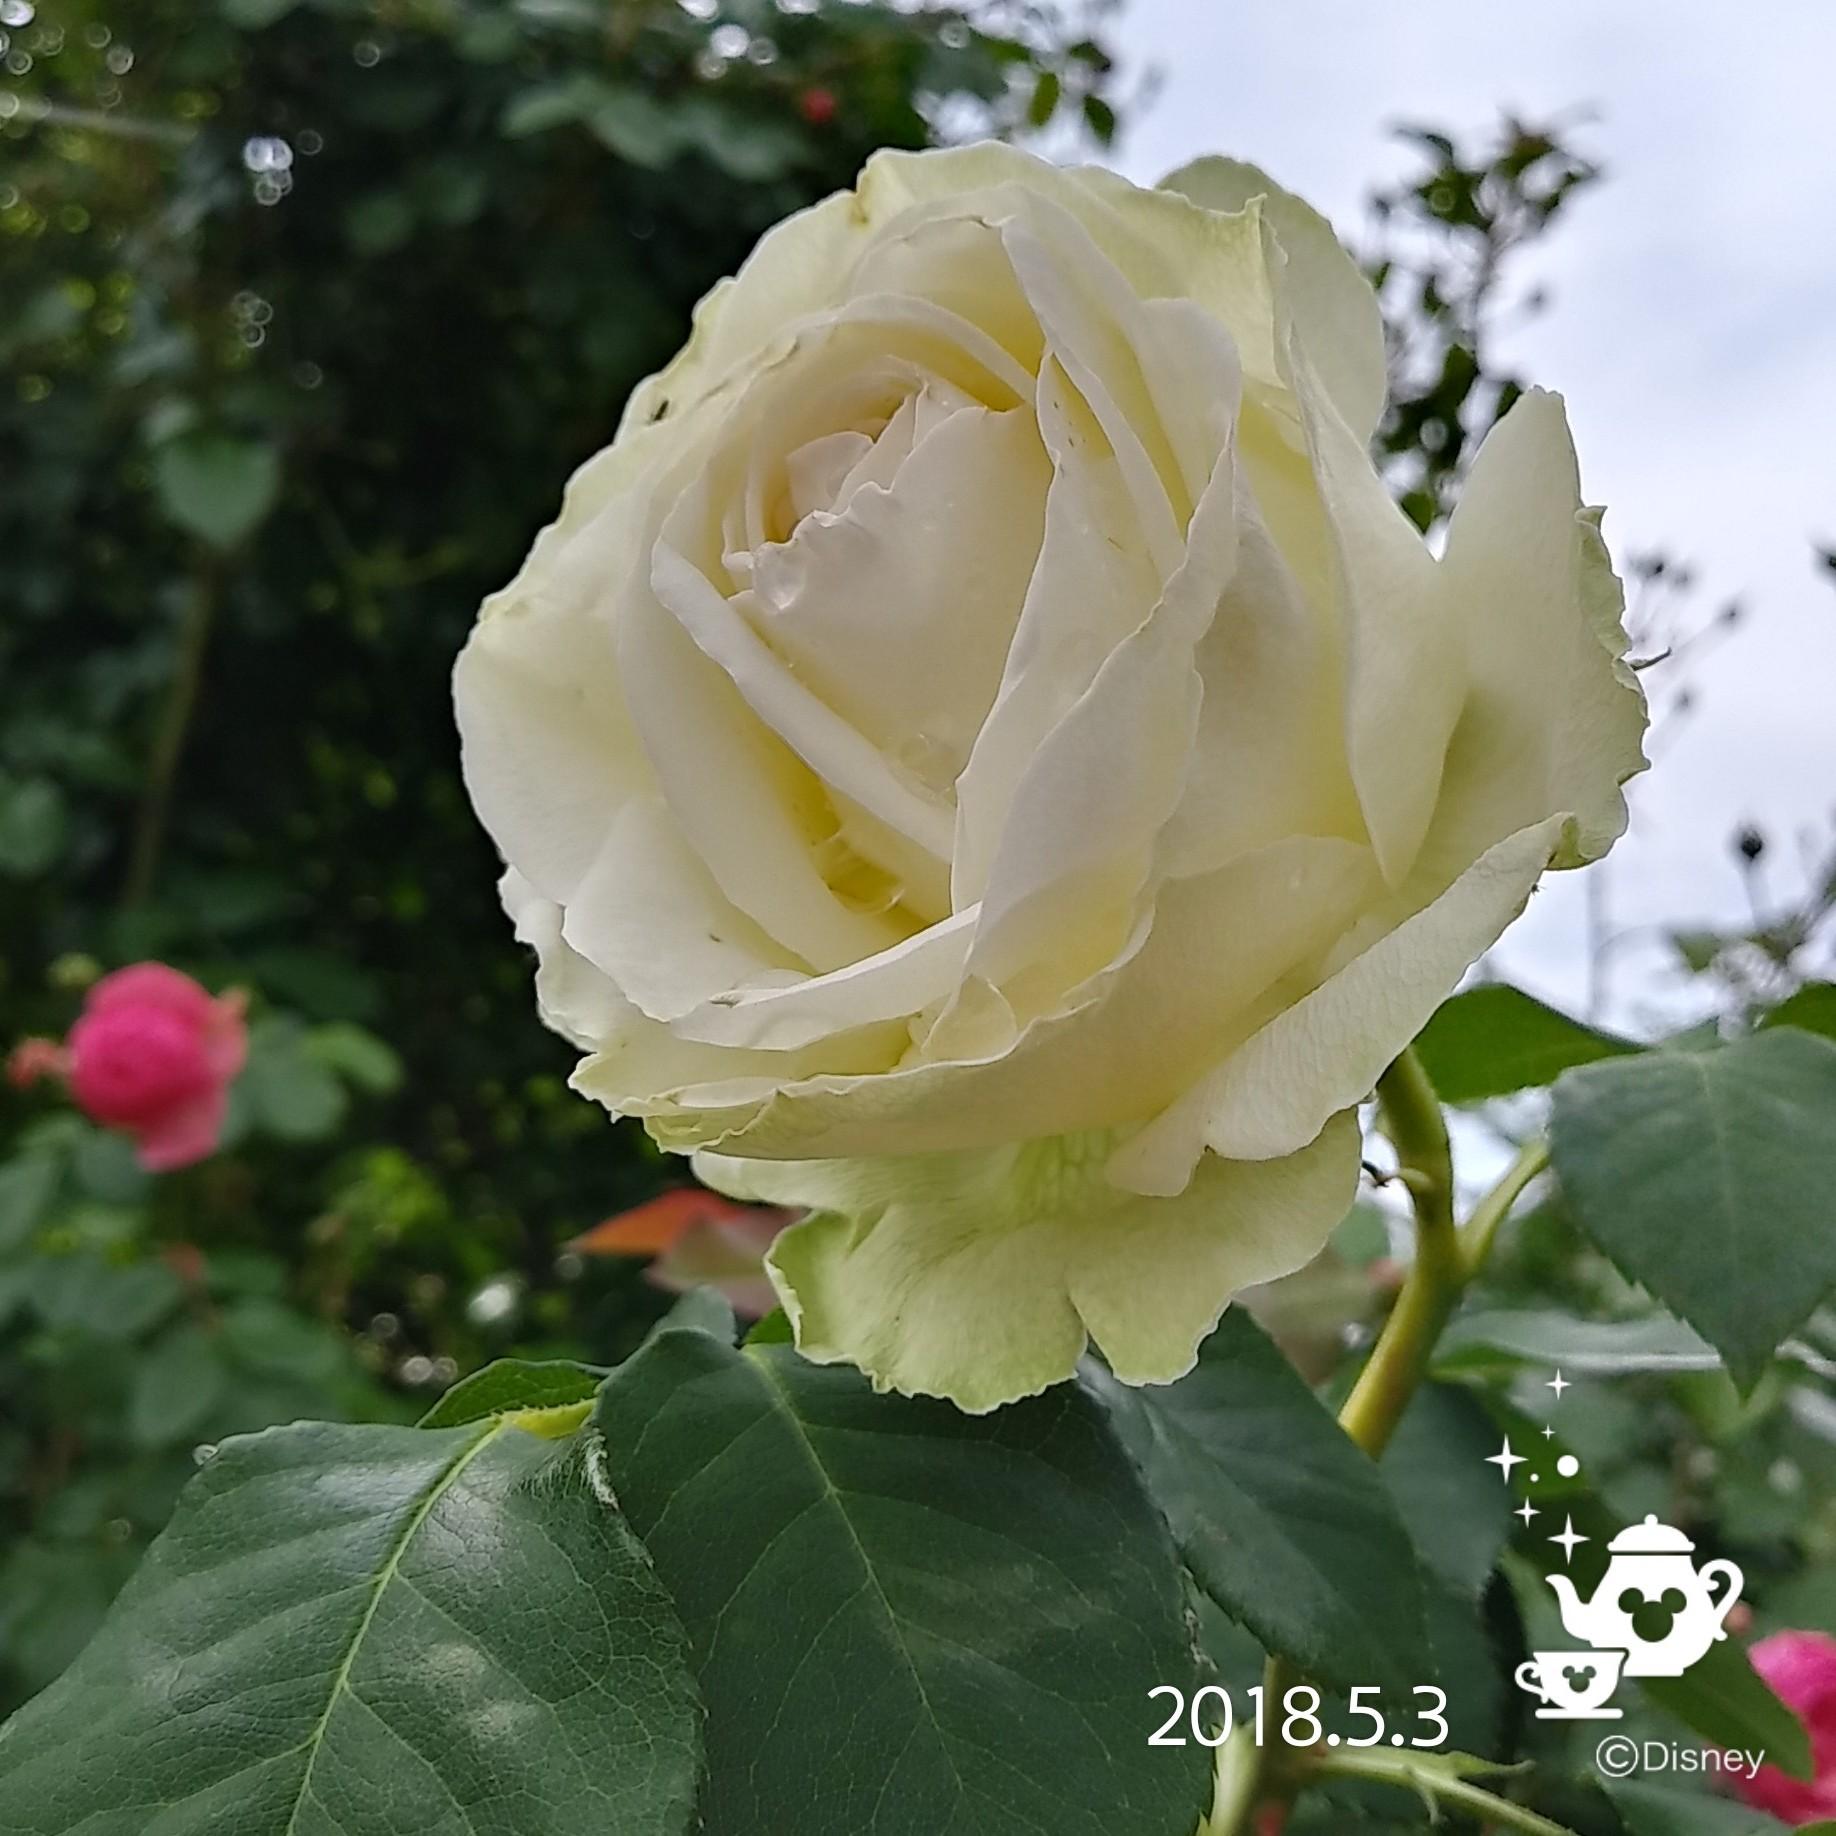 f0262033_16553258.jpg